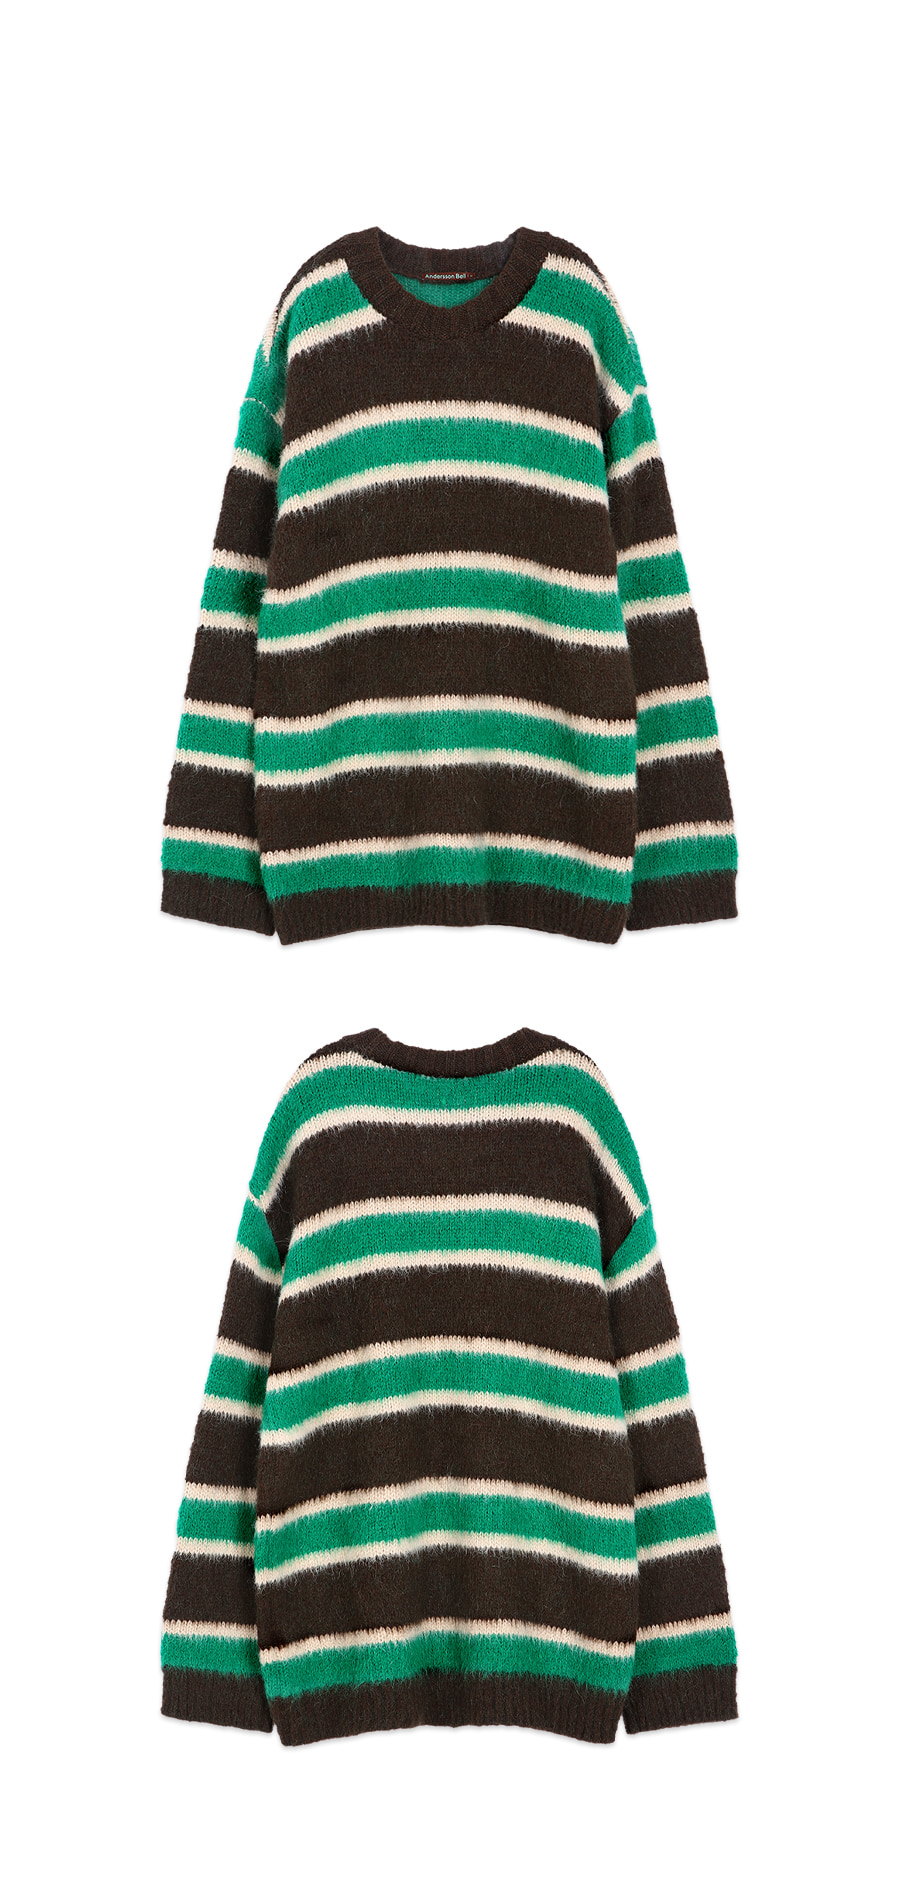 앤더슨벨(ANDERSSON BELL) 유니섹스 알파카 스트라이프 스웨터 atb420u(BROWN/GREEN)